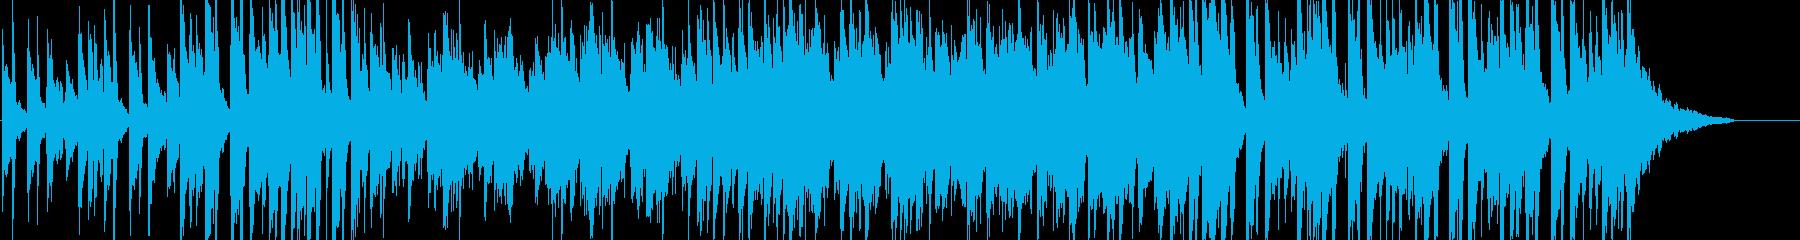 明るく華やかでかわいいピアノポップの再生済みの波形